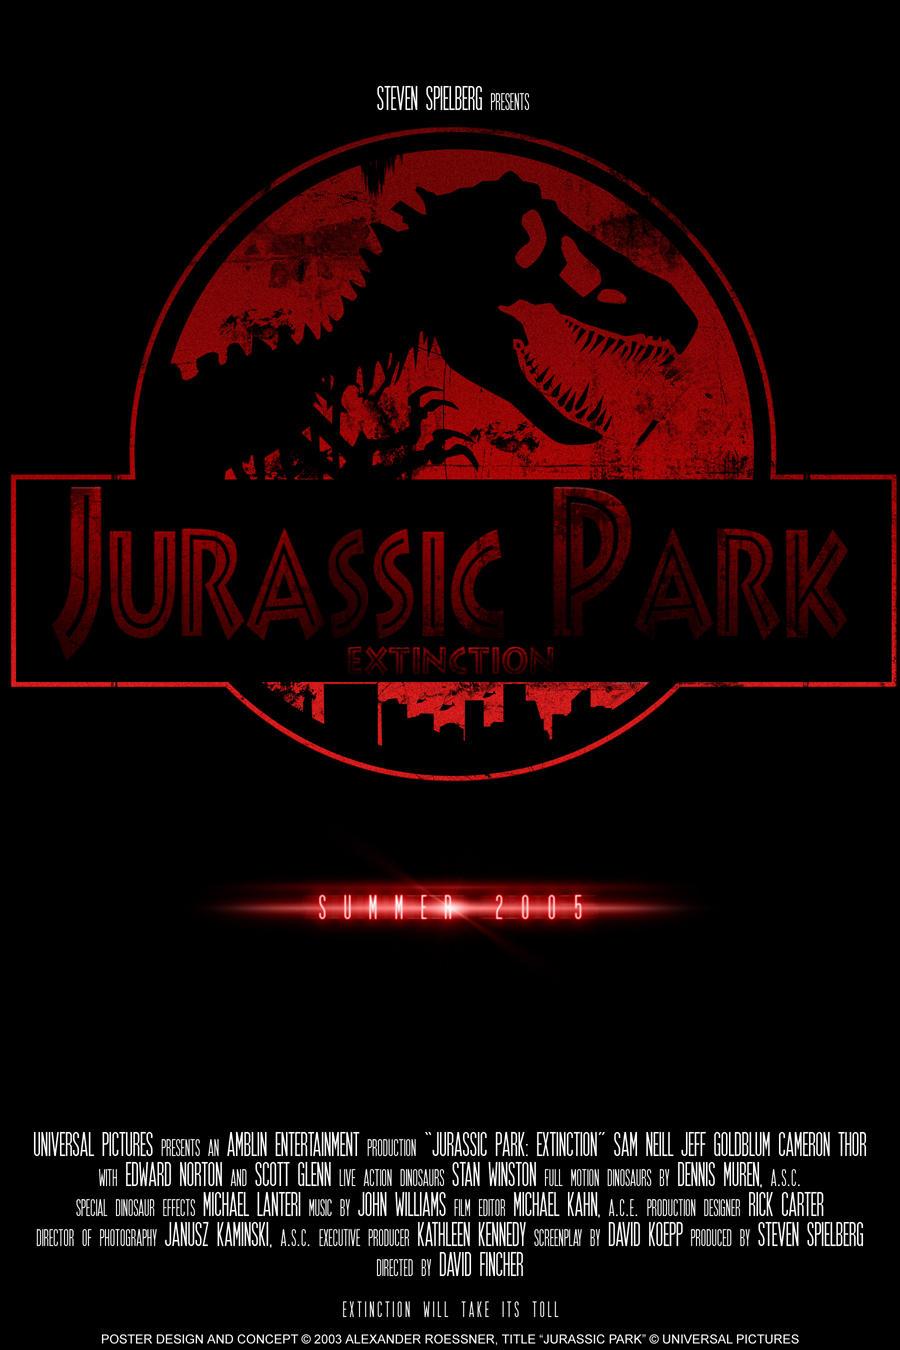 jurassic_park_4_logo_by_rexbiteandspinopark.jpg